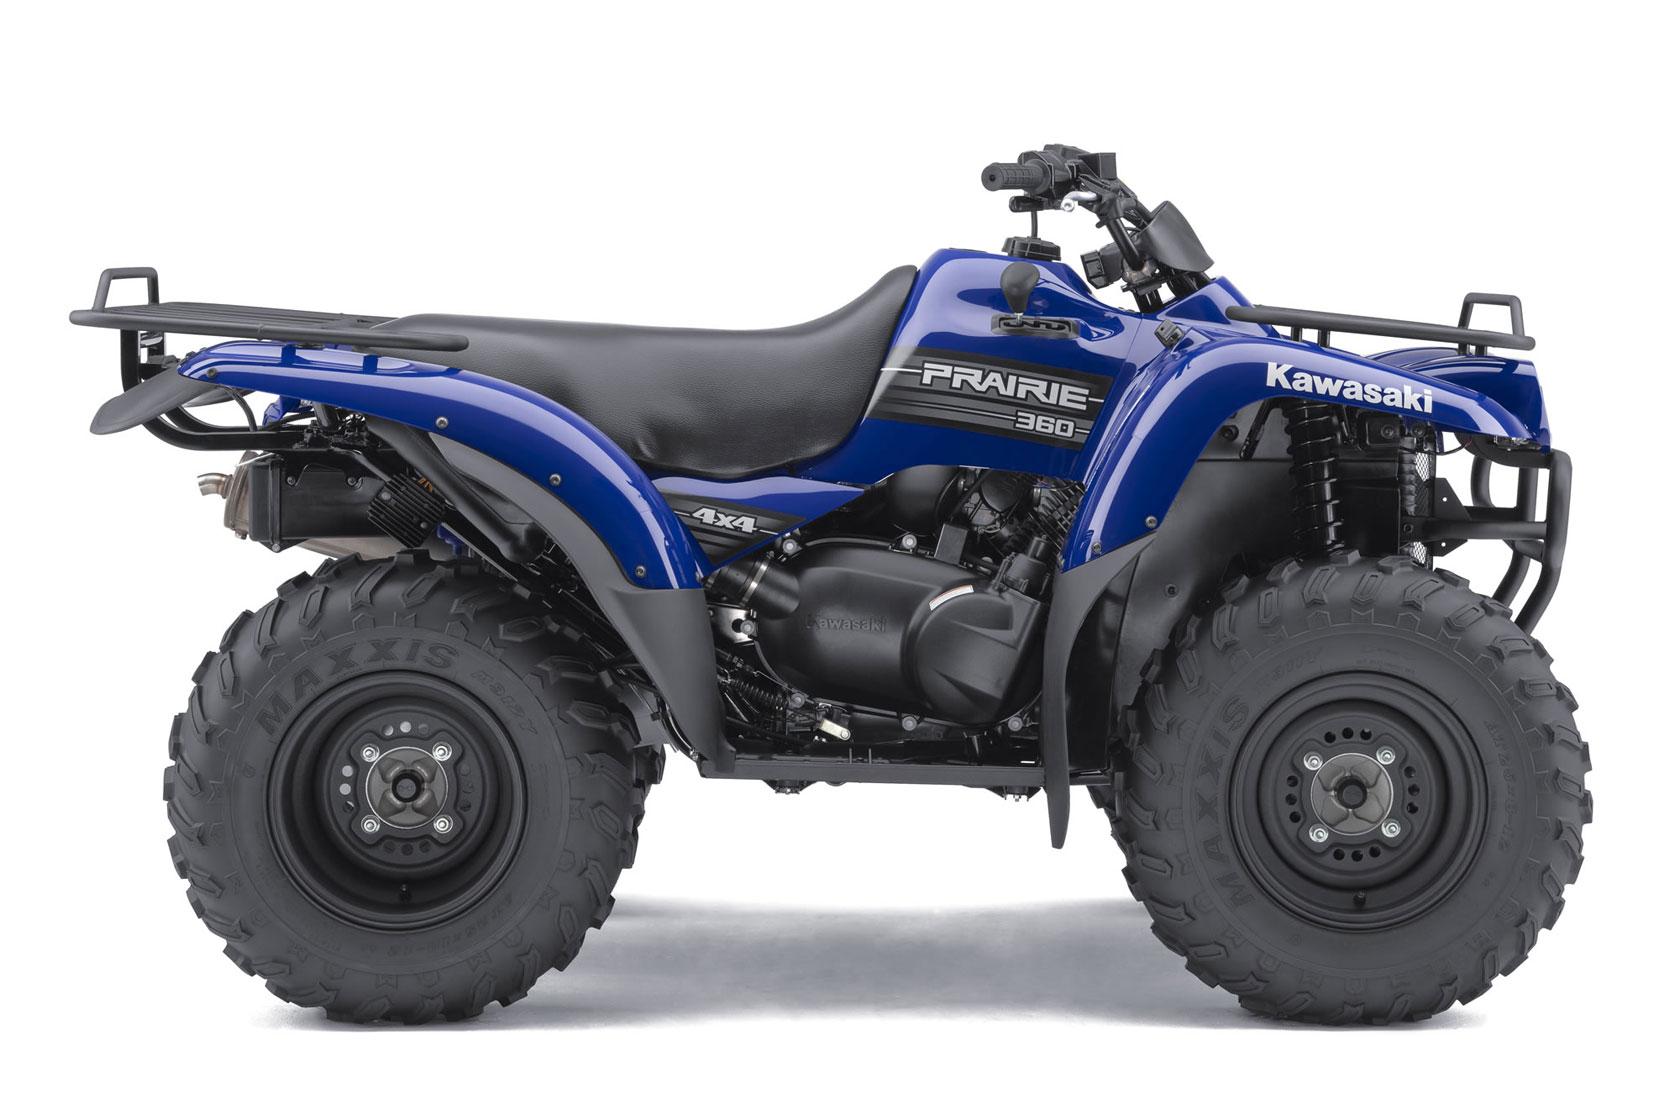 ... KAWASAKI Prairie 360 4x4 (2010 - 2011) ...